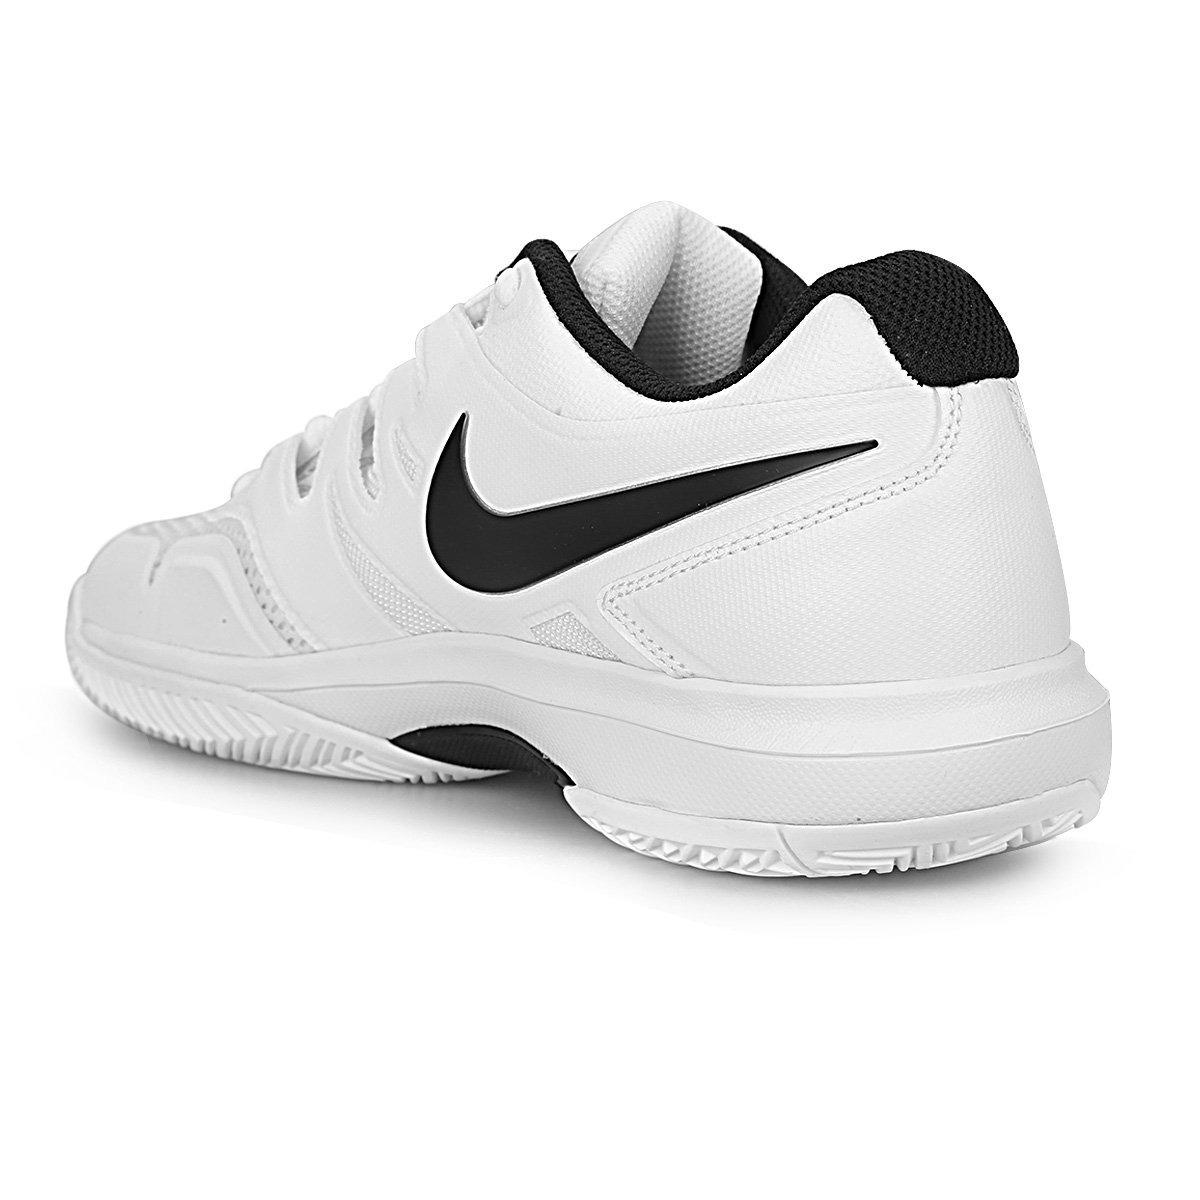 1e73c83b917 Zapatillas Nike Air Zoom Prestige - Hombre - Blancas Tenis -   5.396 ...